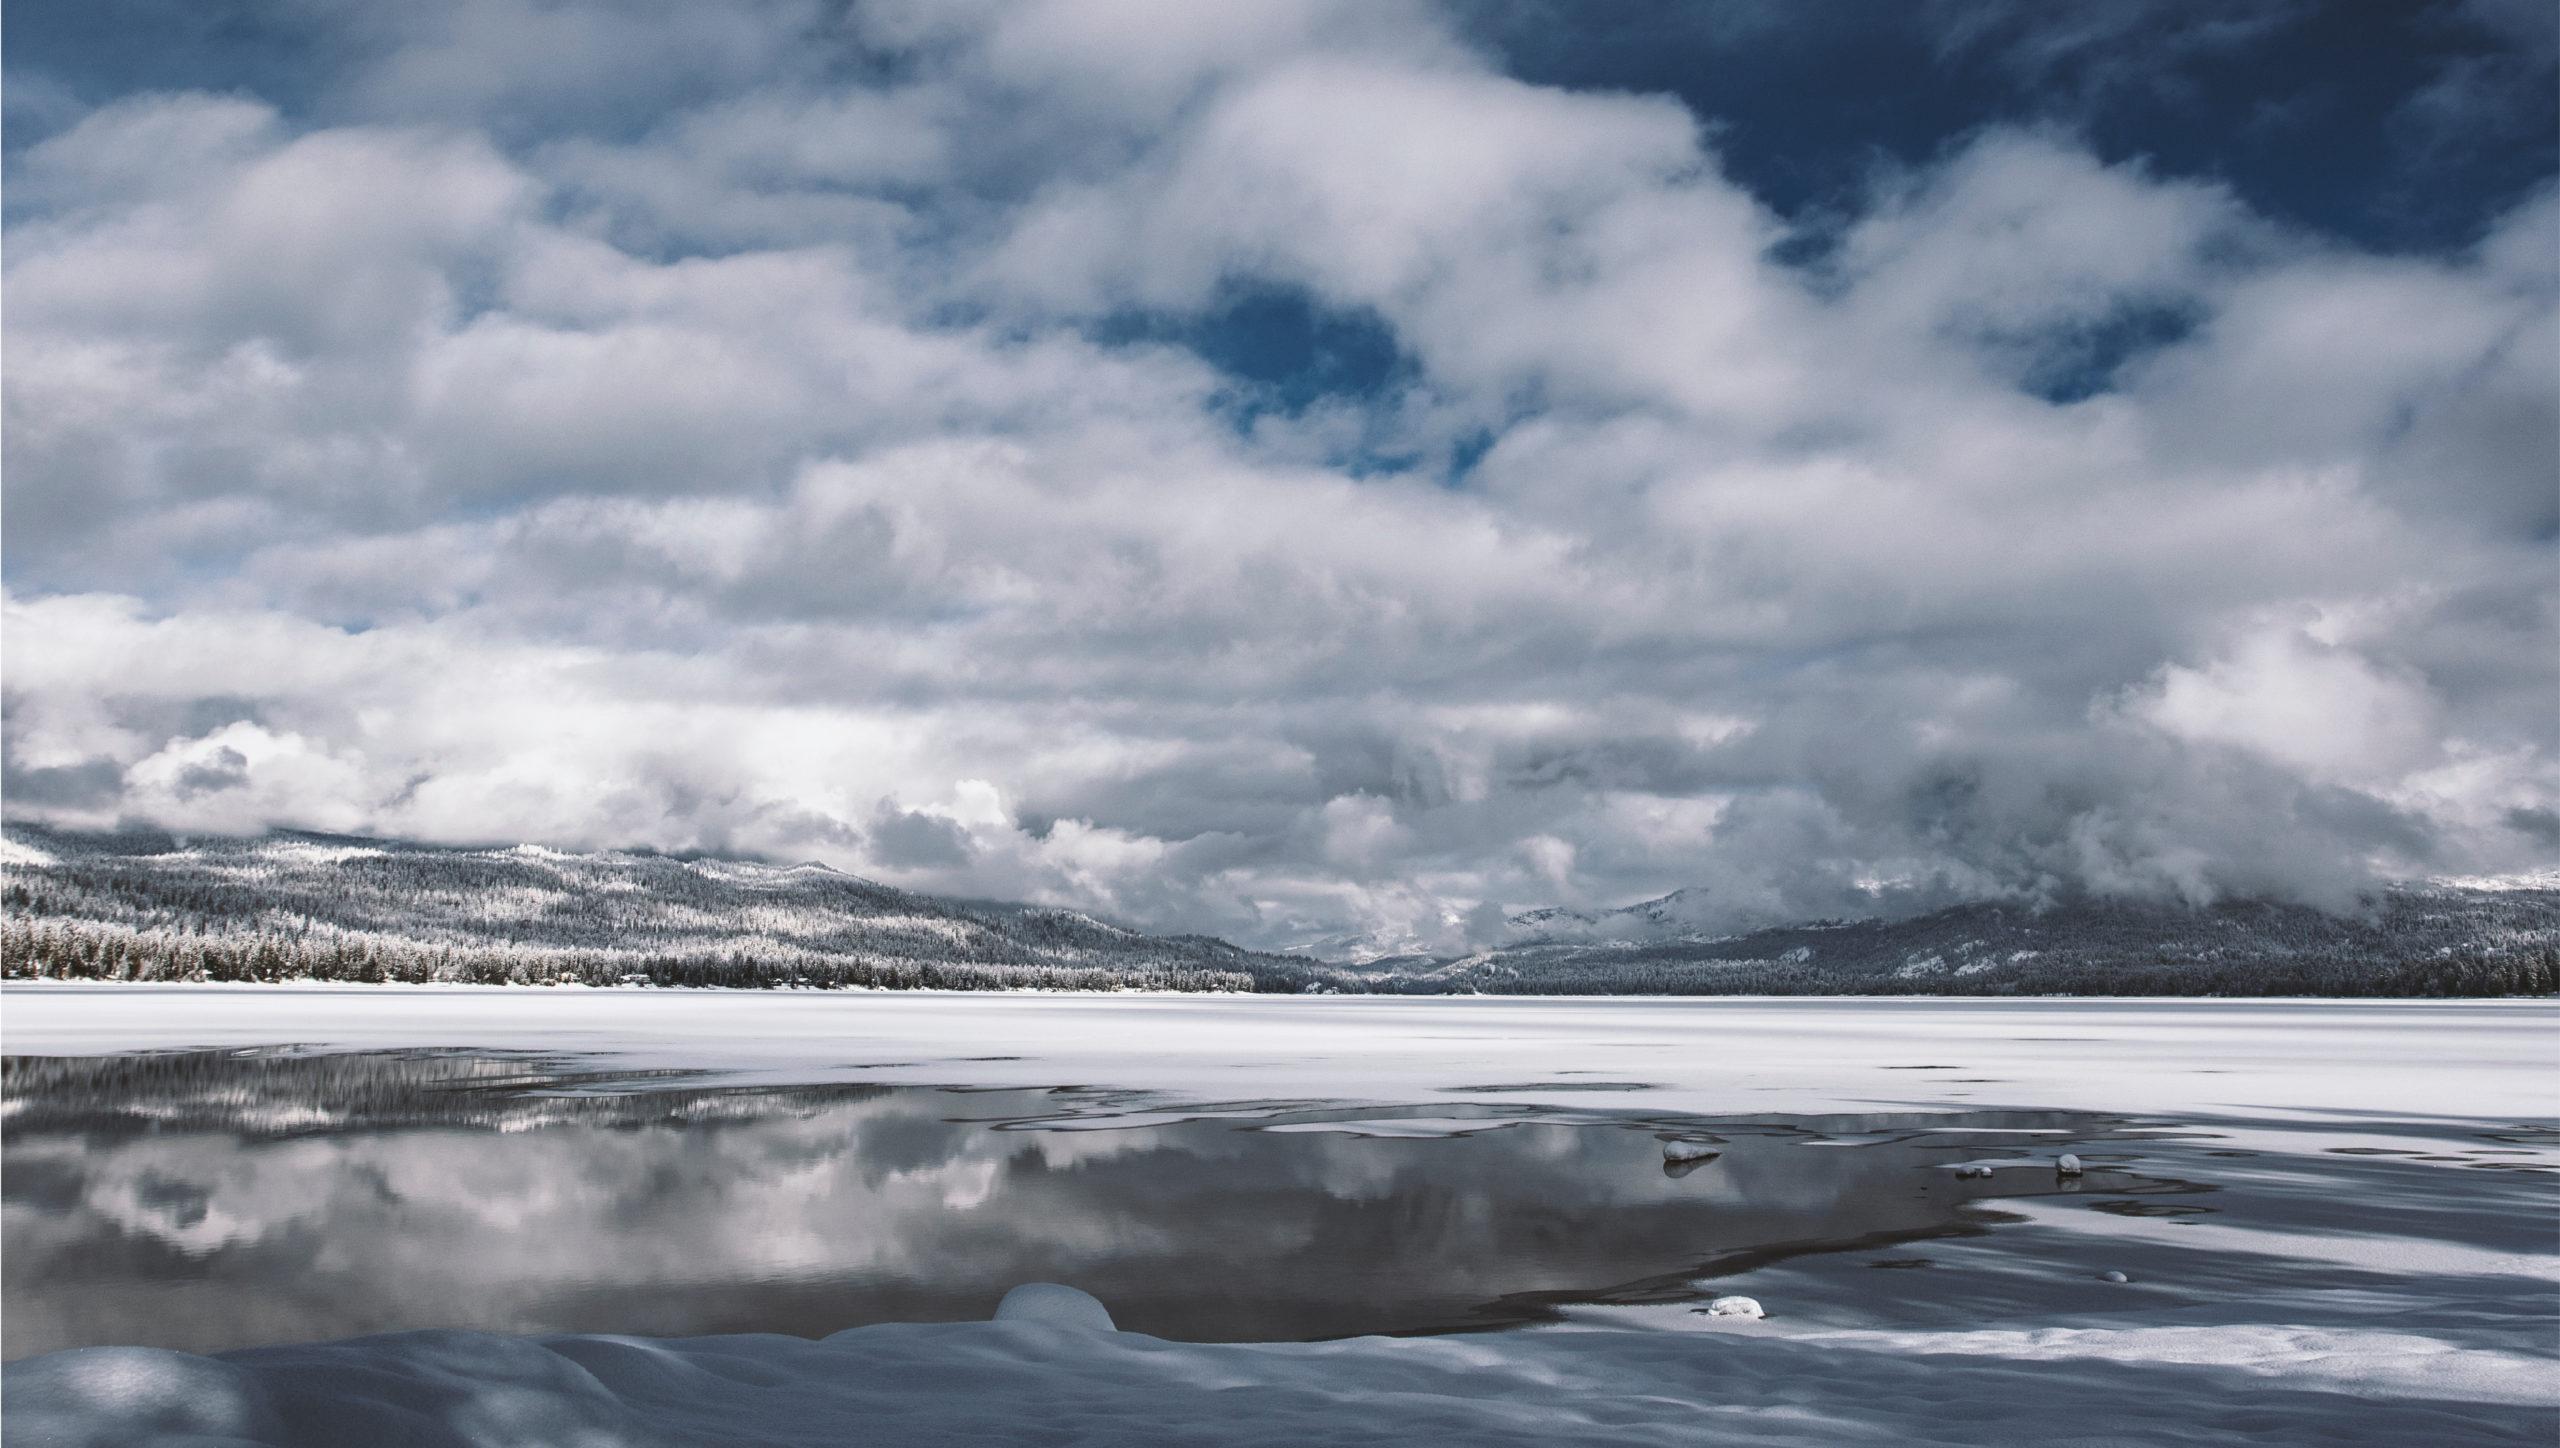 Deshielo del Antártico favorece la formación de nubes, según científicos